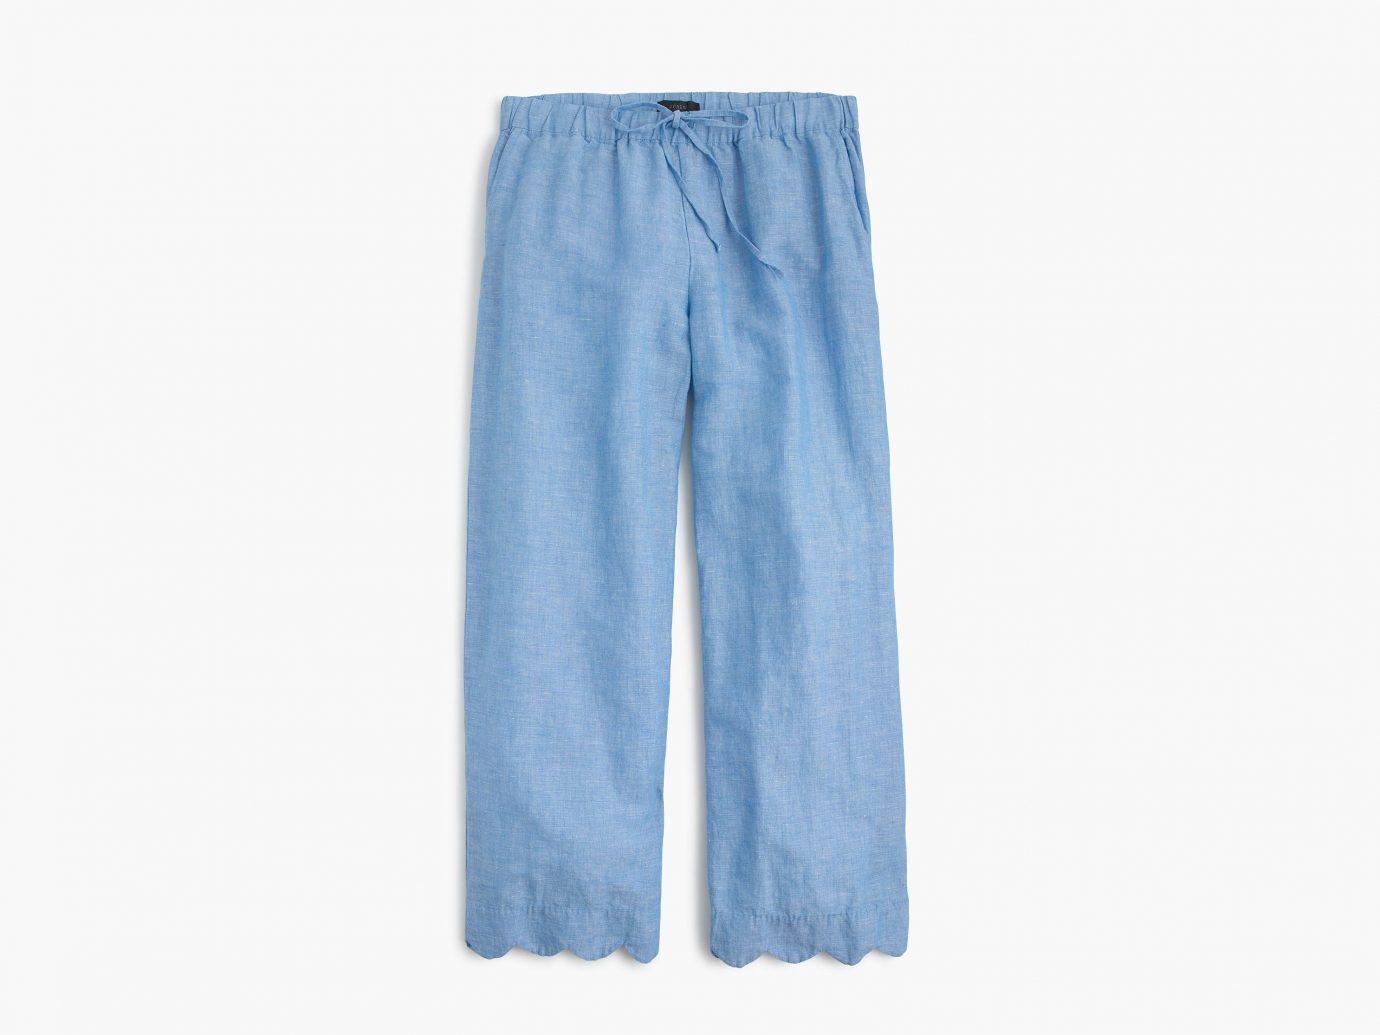 Style + Design clothing jeans denim trouser blue electric blue trousers pocket abdomen textile active pants